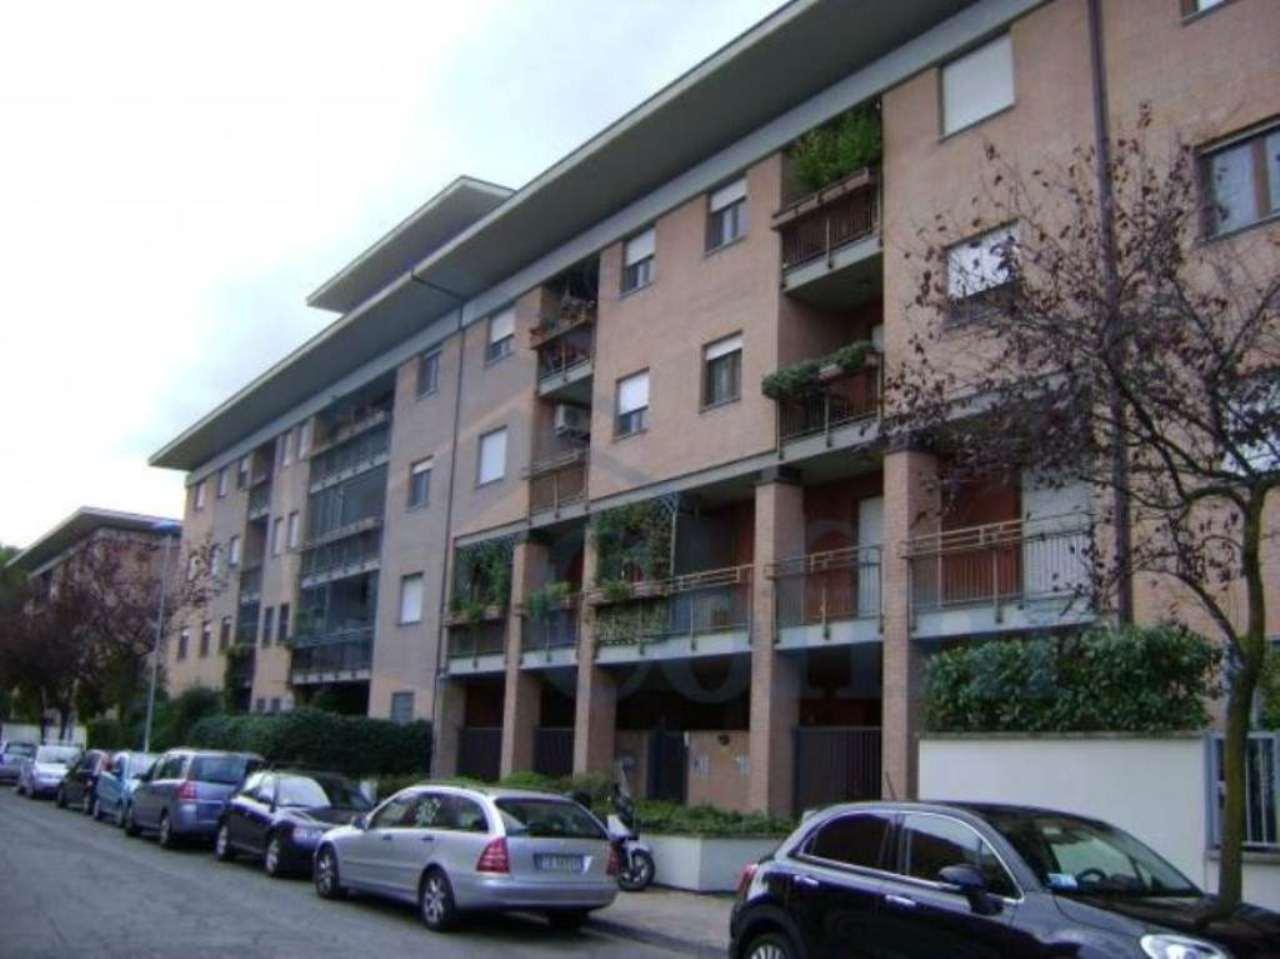 San Donato Milanese Affitto APPARTAMENTO Immagine 0